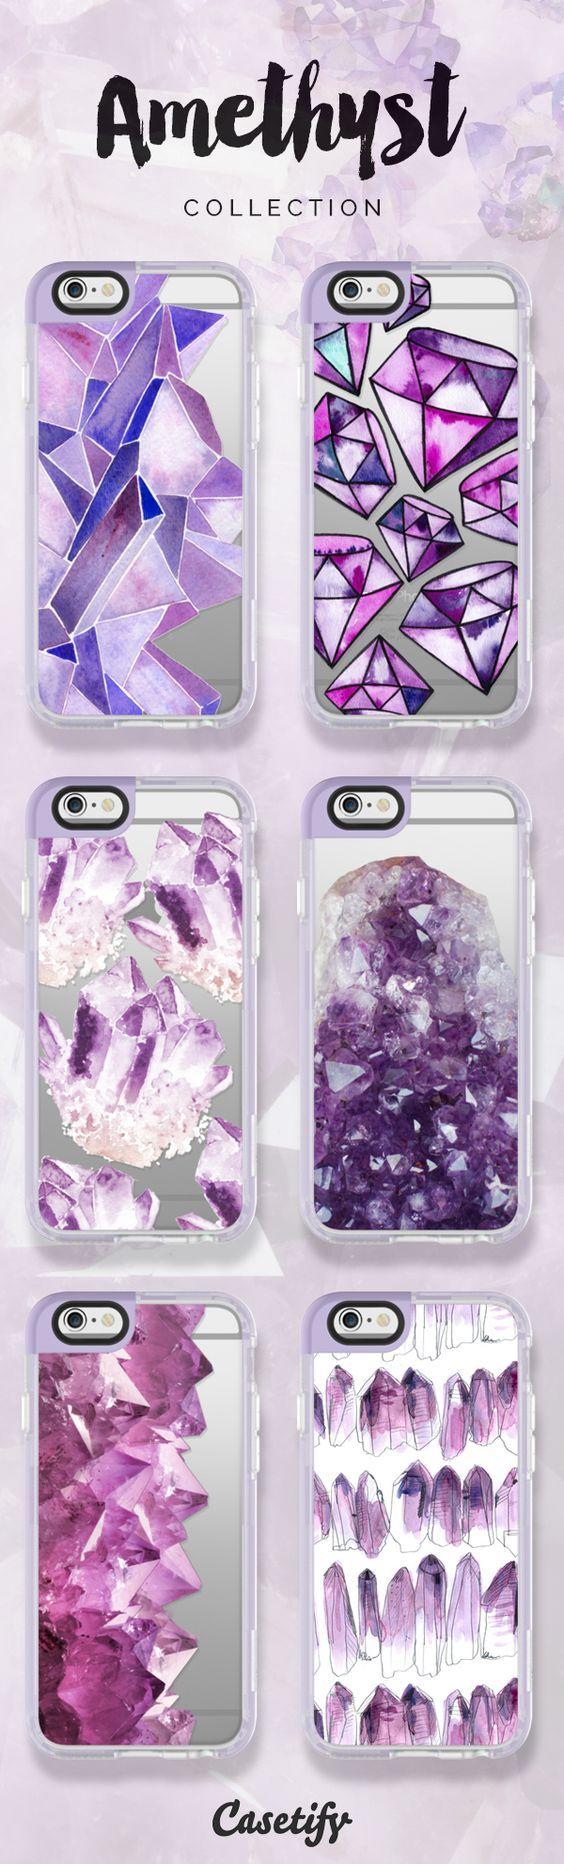 Te gusta el diamante morado ??? Esto es perfecto para ti #daimons